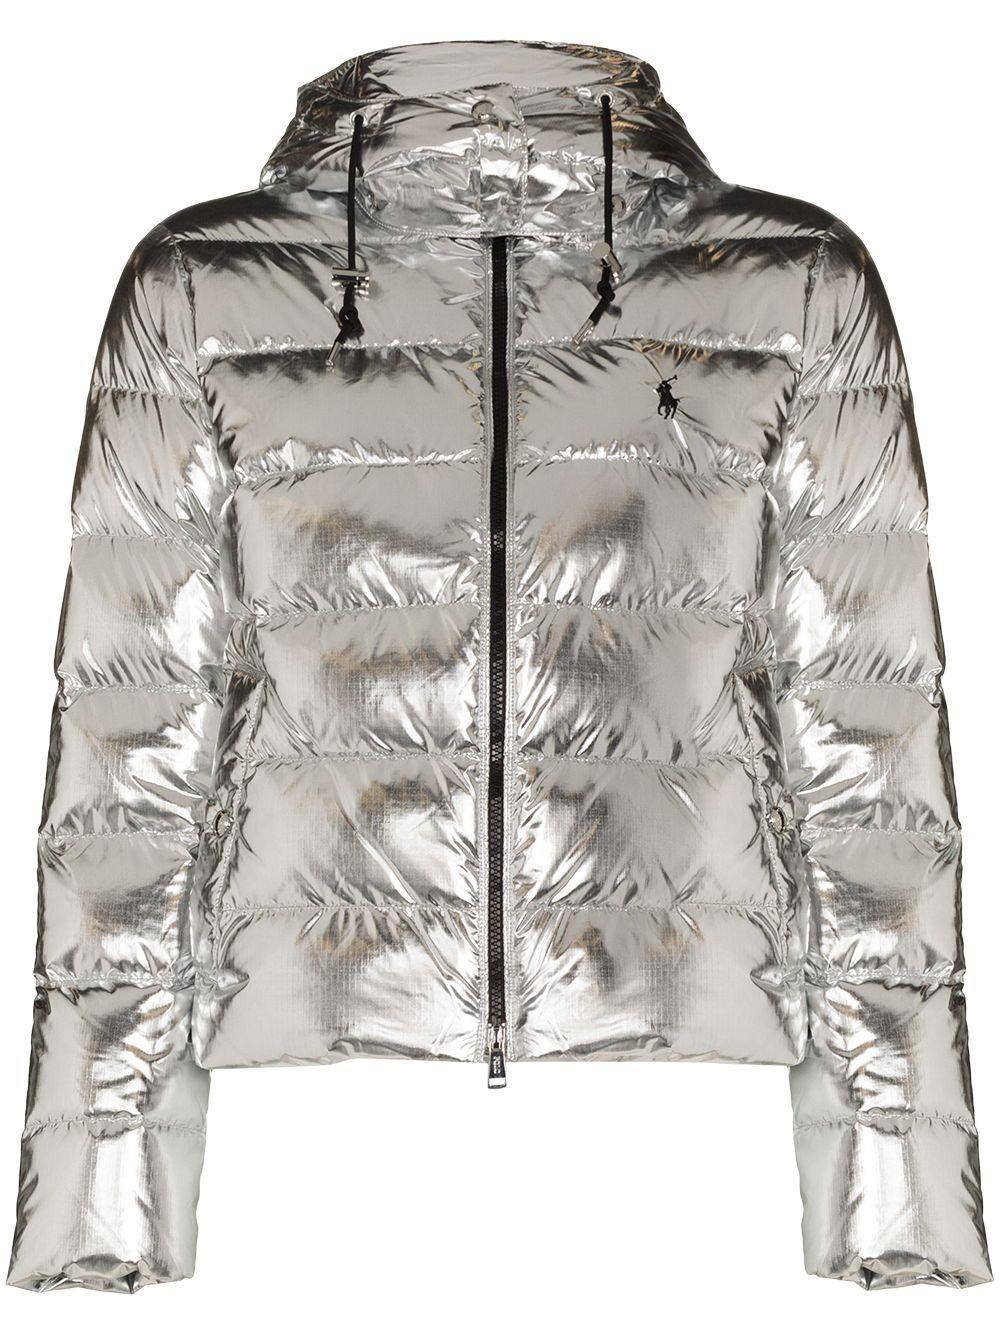 Polo Ralph Lauren Ripstop Puffer Jacket Farfetch In 2021 Polo Ralph Lauren Ralph Lauren Ripstop [ 1334 x 1000 Pixel ]